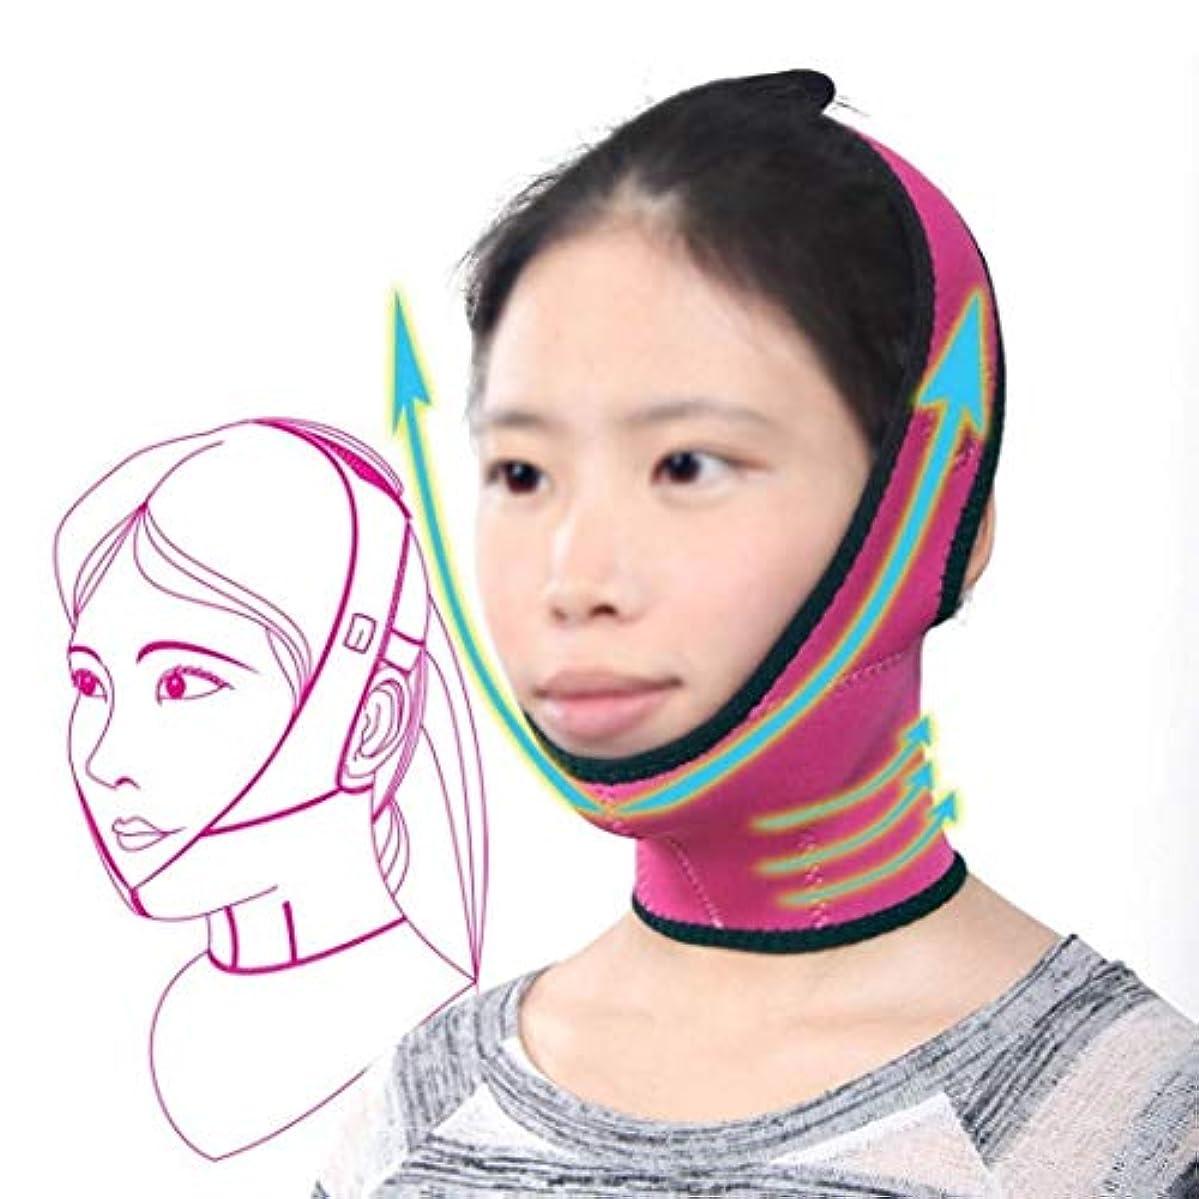 ブルジョン準拠エッセイフェイスリフトマスク、スリミングベルトフェイスマスク強力なリフティング小さなV顔薄い顔包帯美容美容リフティング顔小さな顔薄いフェイスマスク